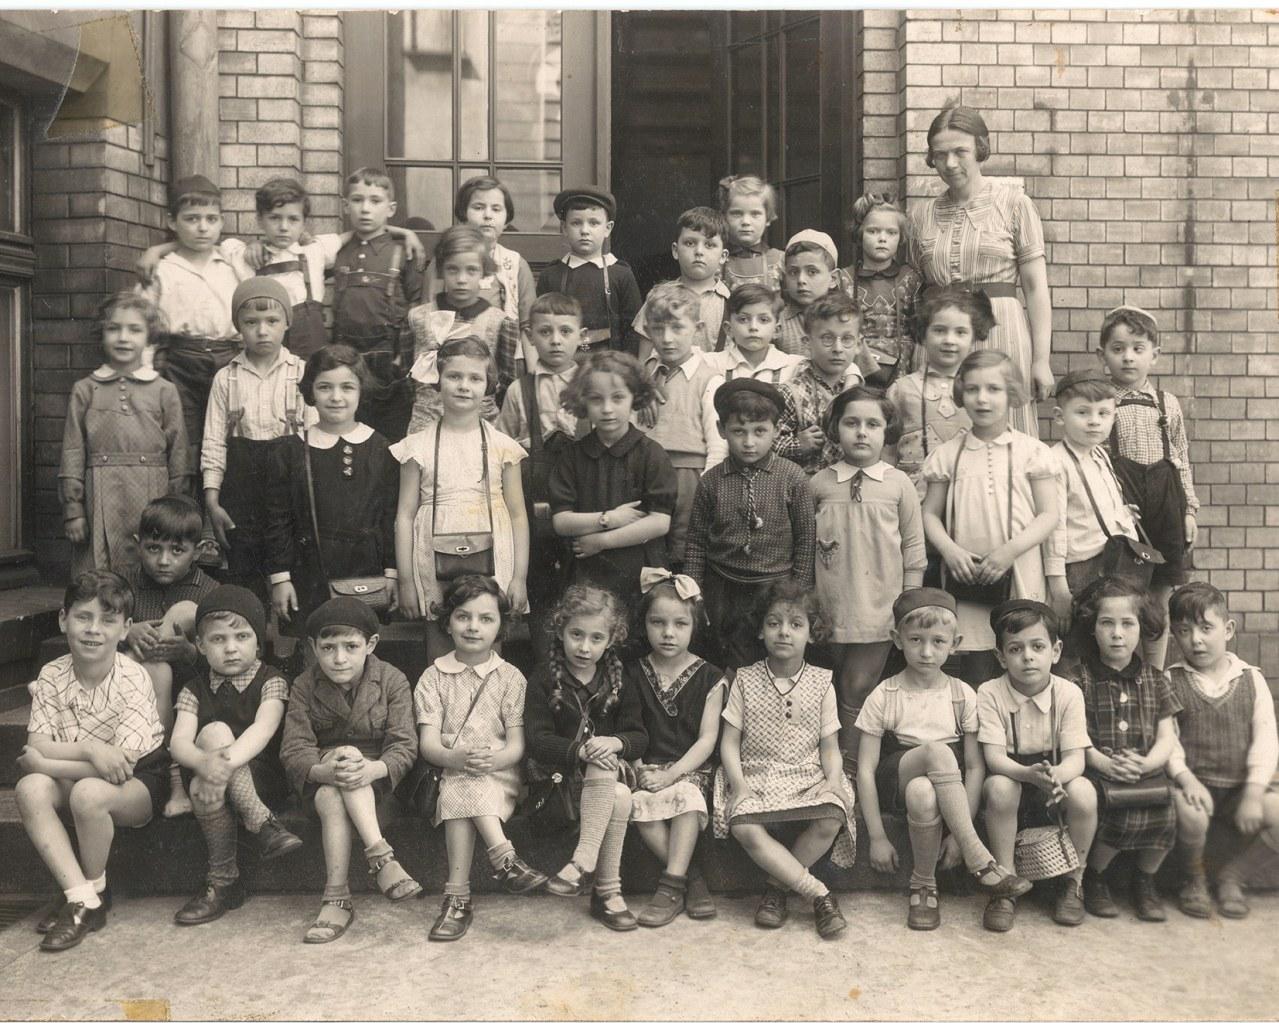 Wir sind Juden aus Breslau - Bild 1